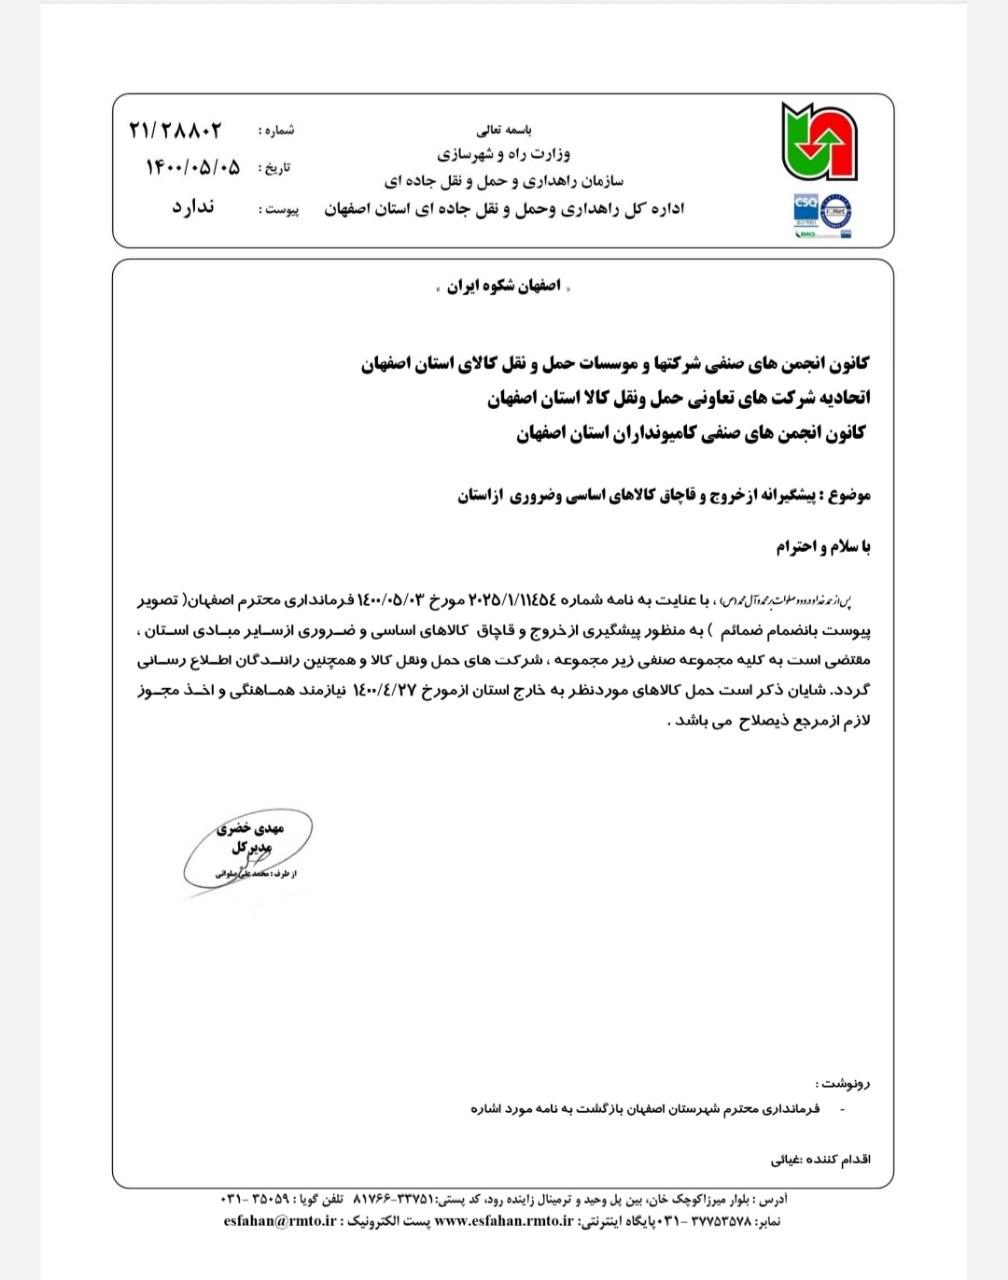 خروج کالاهای اساسی از استان اصفهان ممنوع شد